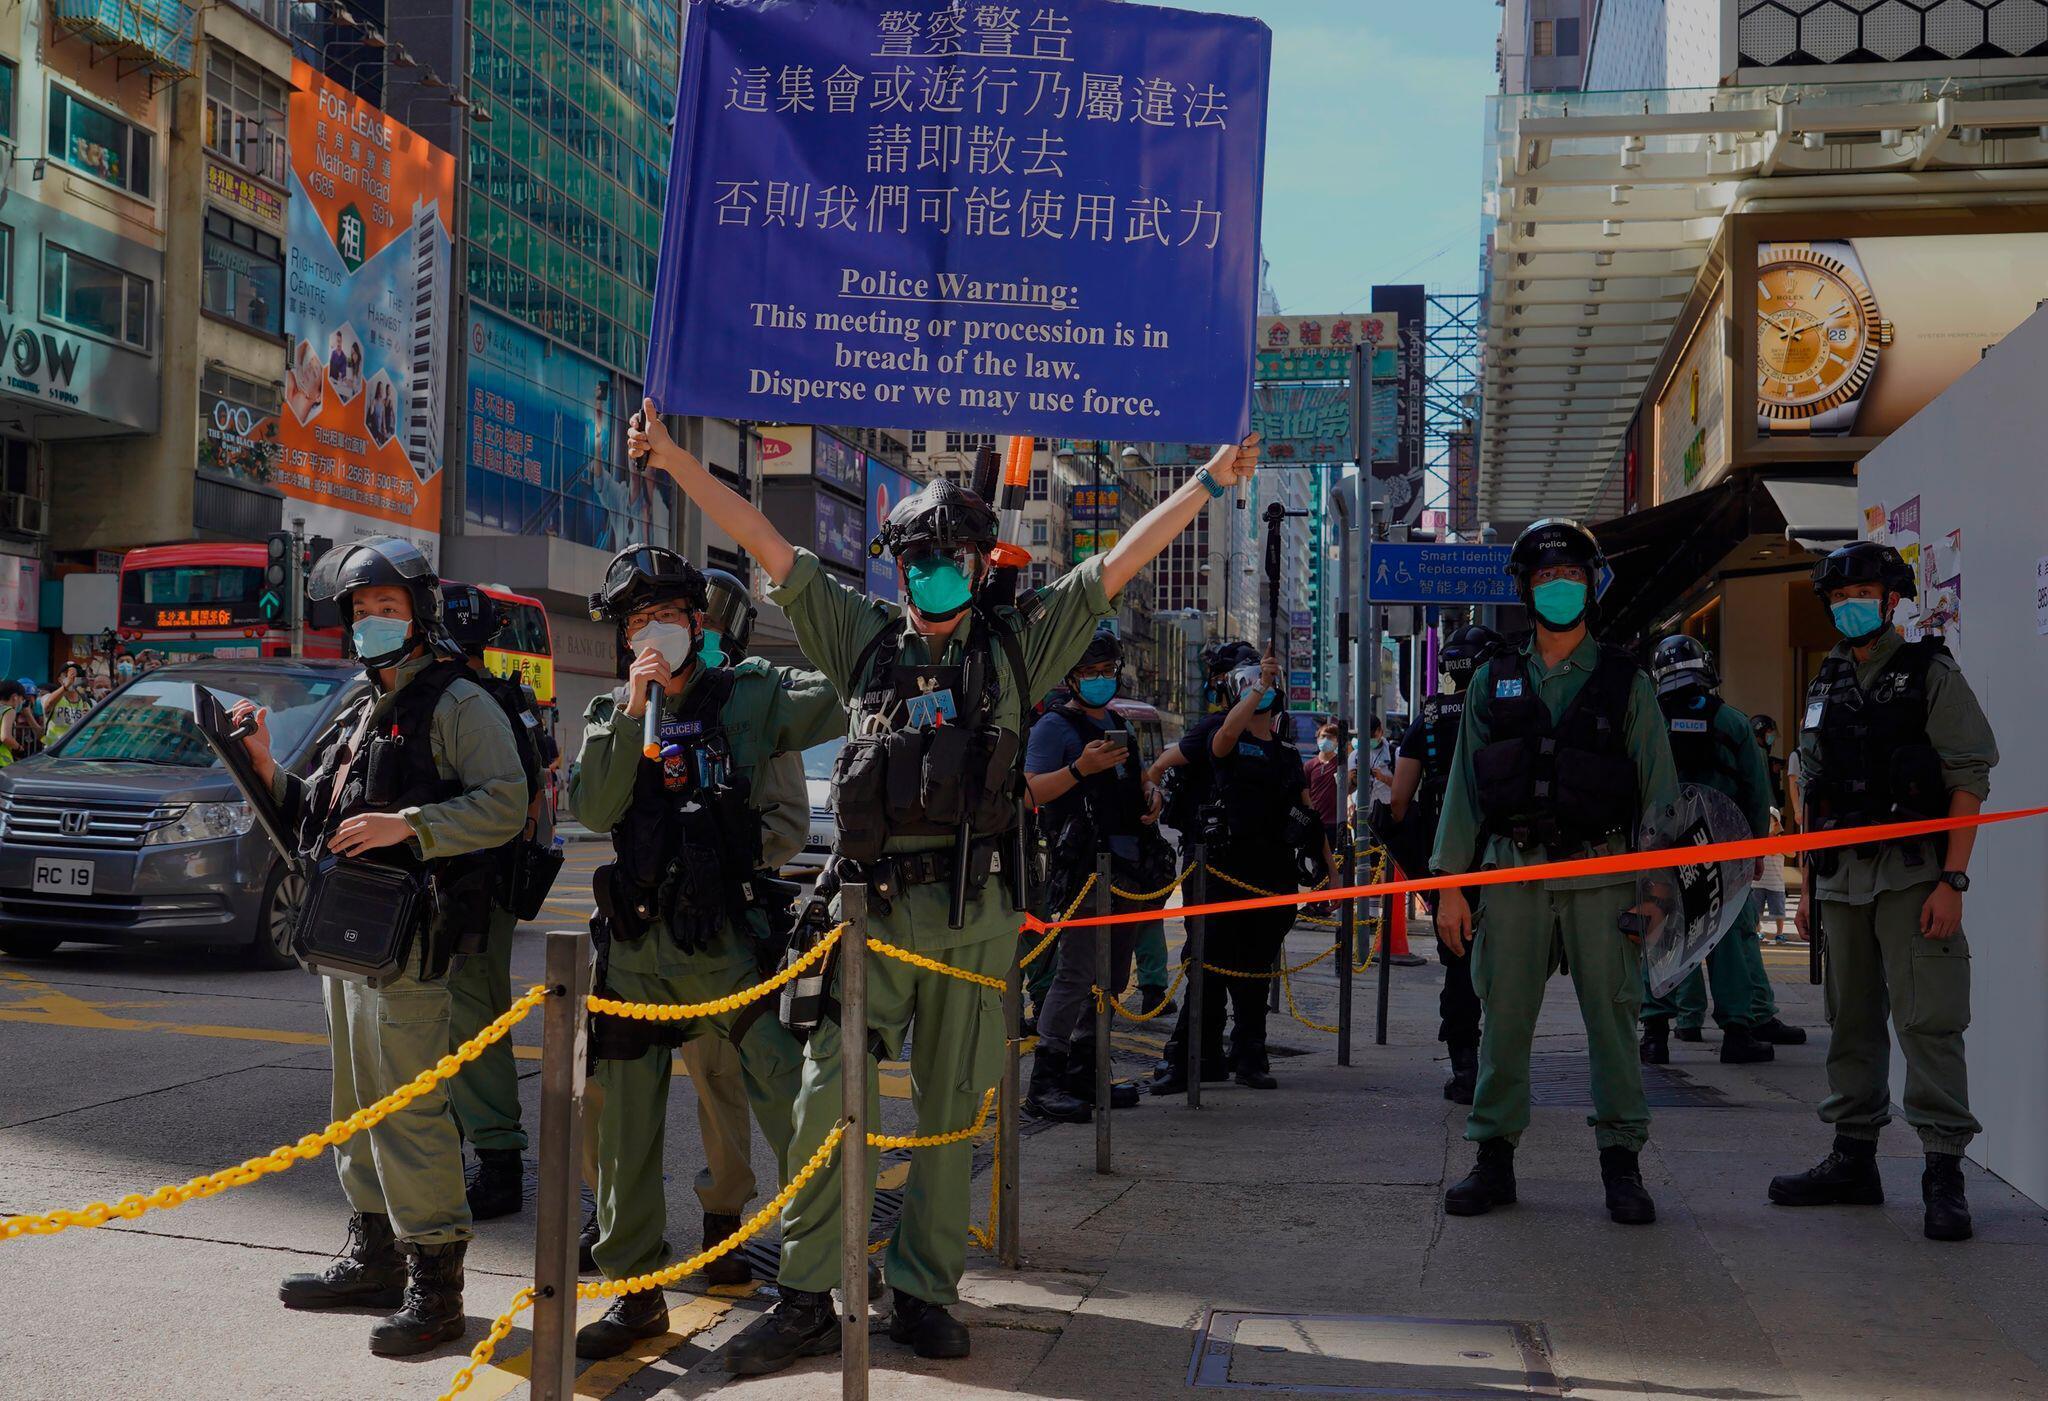 Medienberichte: China verabschiedet offenbar umstrittenes Hongkong-Gesetz